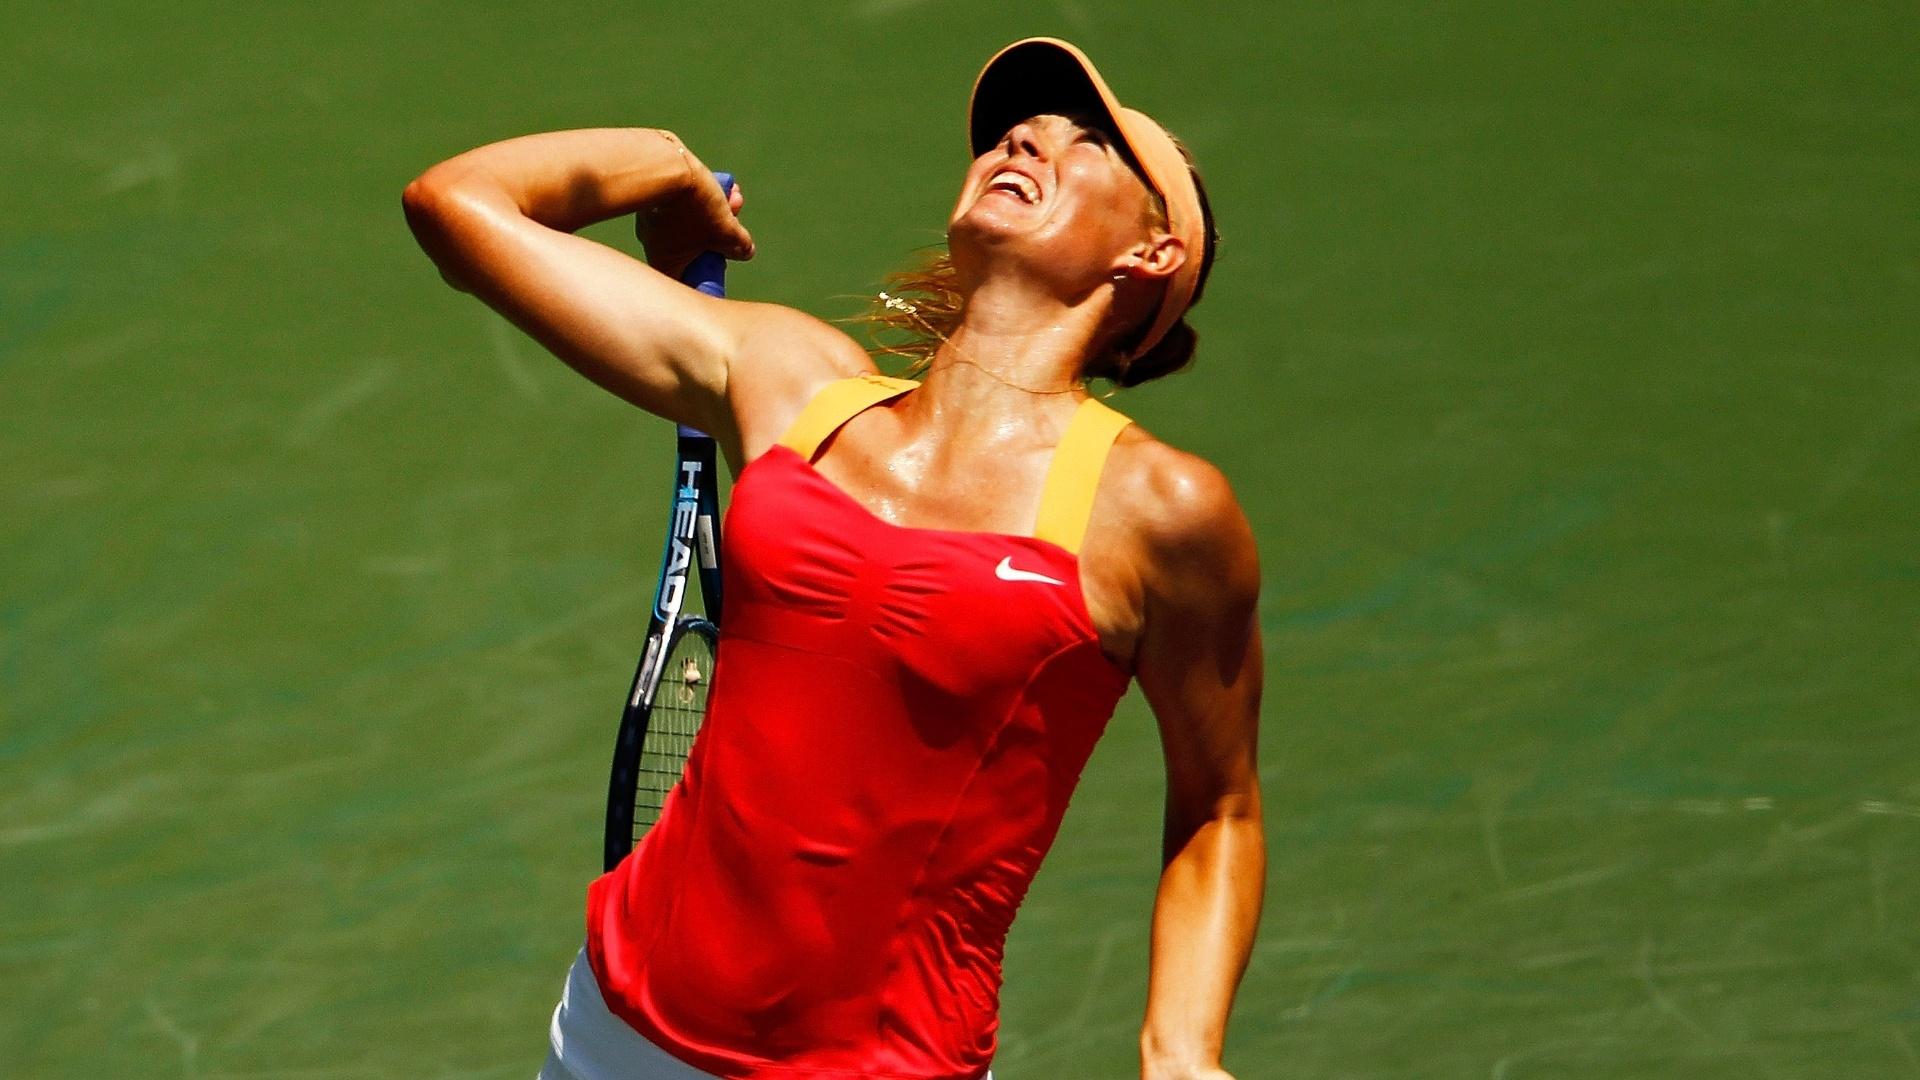 Maria Sharapova, da Rússia, na final do Torneio de Miami contra Agnieszka Radwanska, da Polônia